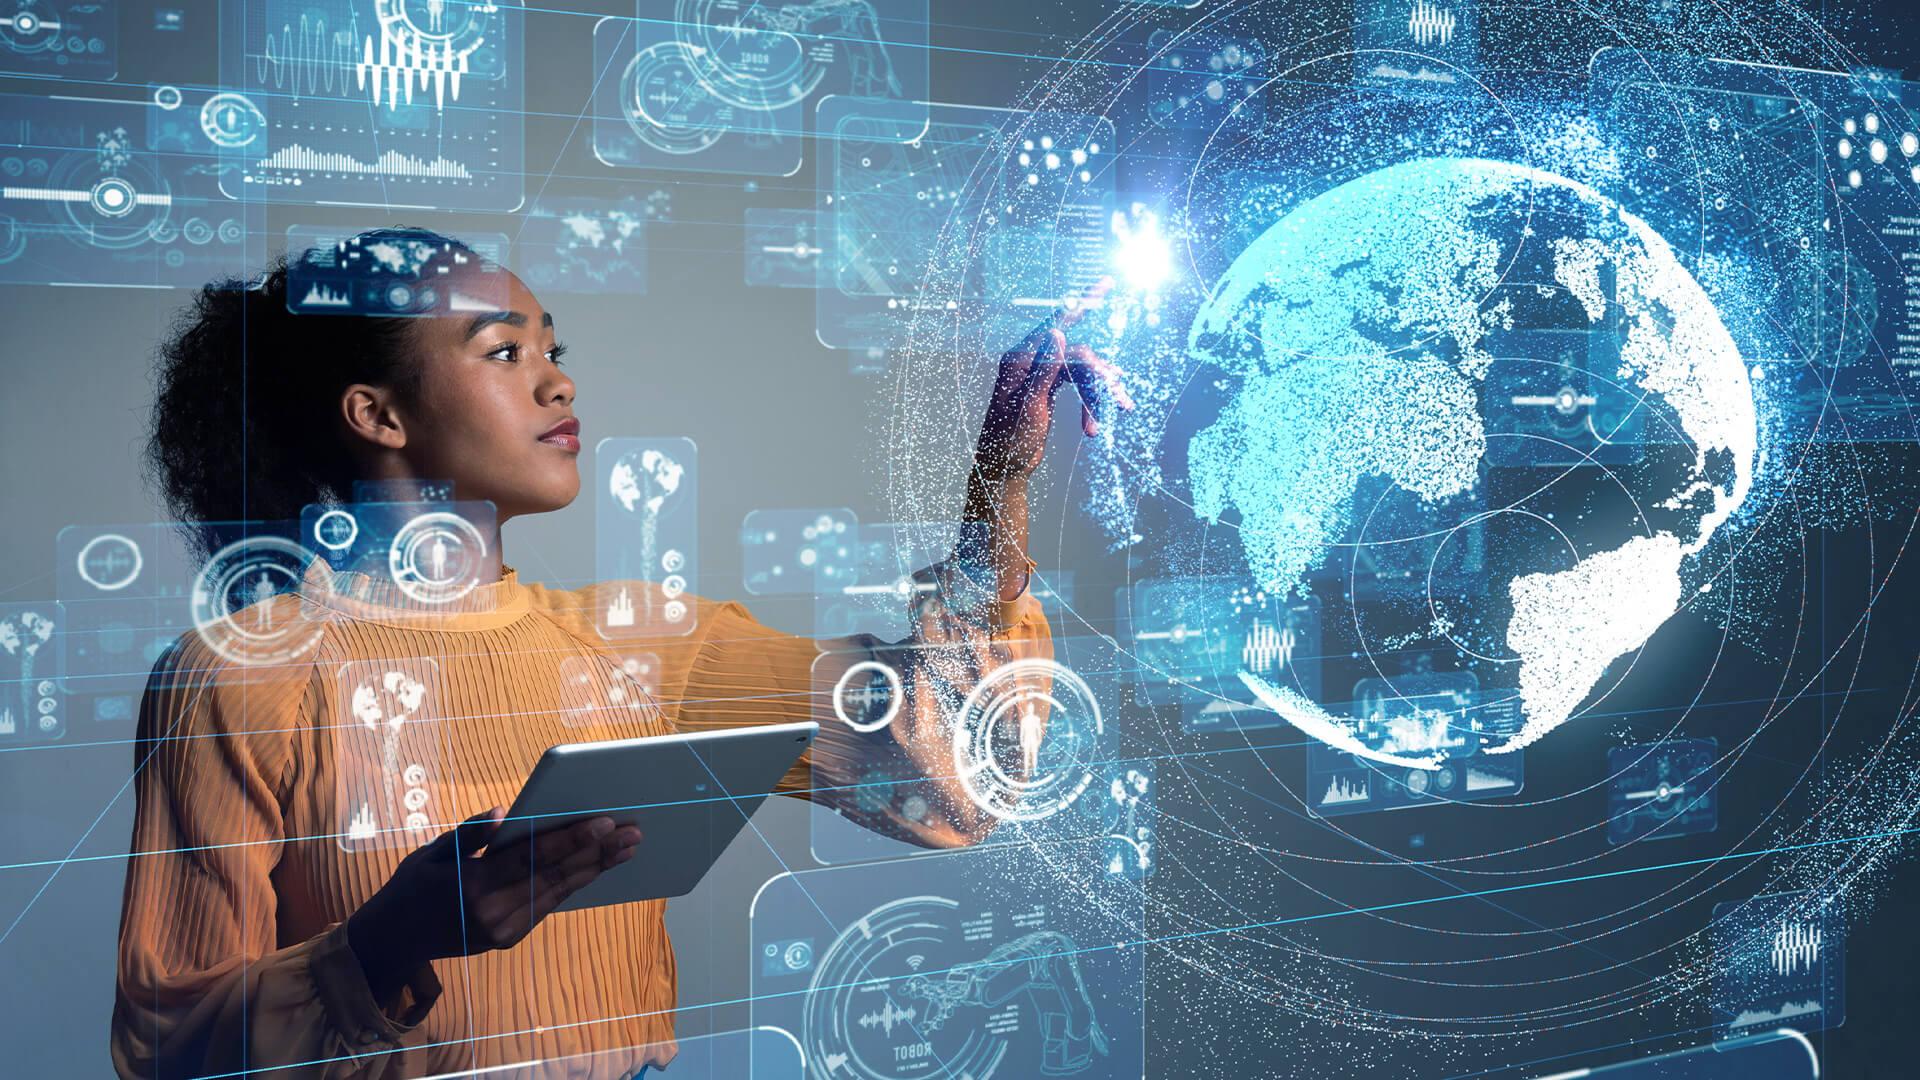 هل استعد طلابنا لطفرة الروبوتات والذكاء الاصطناعي ؟!